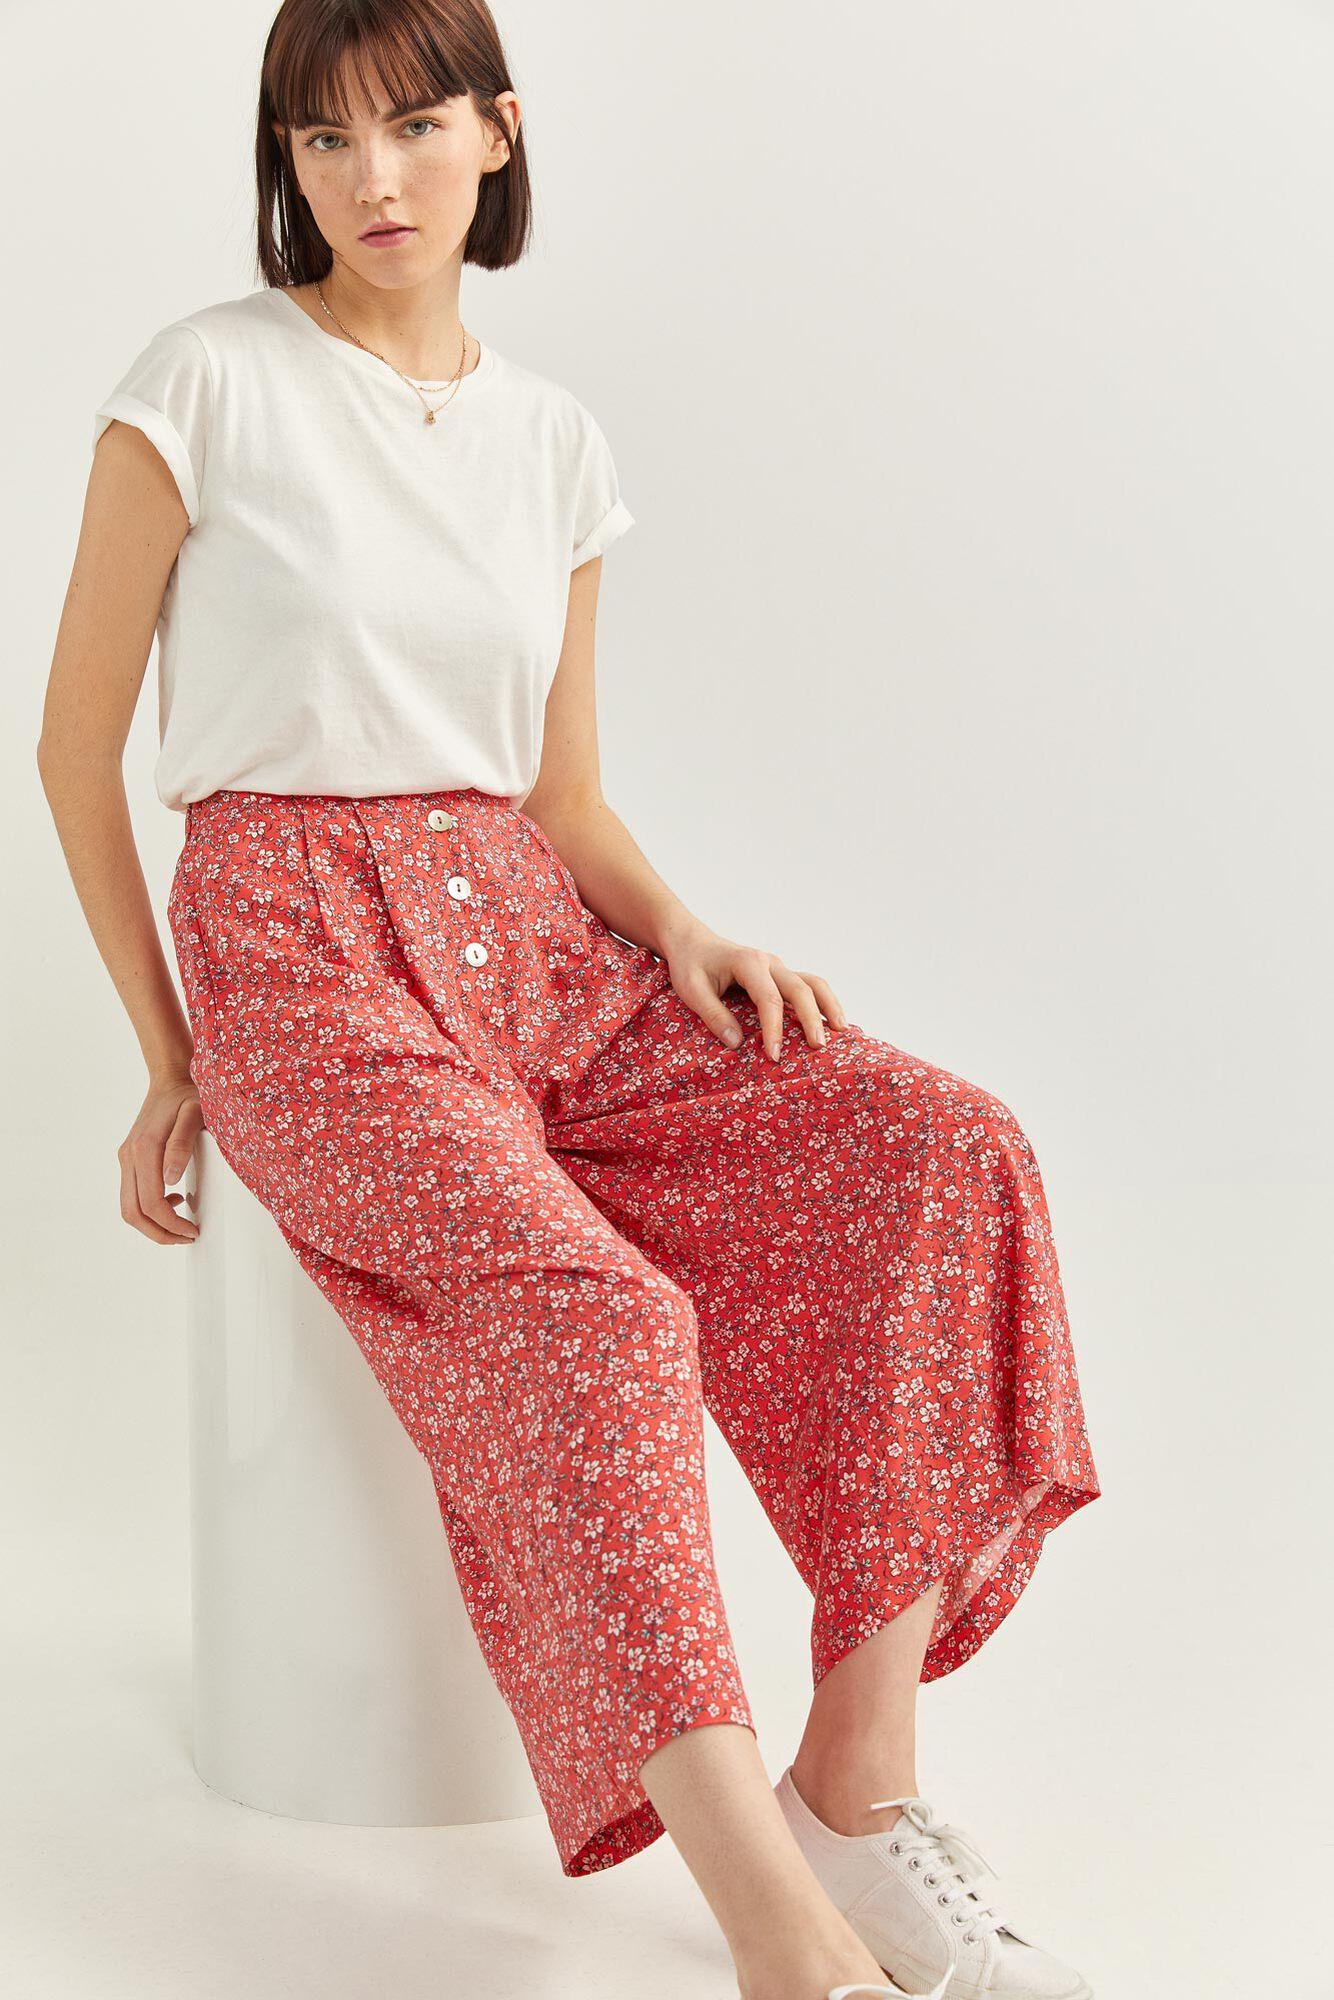 Pantalón culotte, con cierre de botones en la parte delantera.